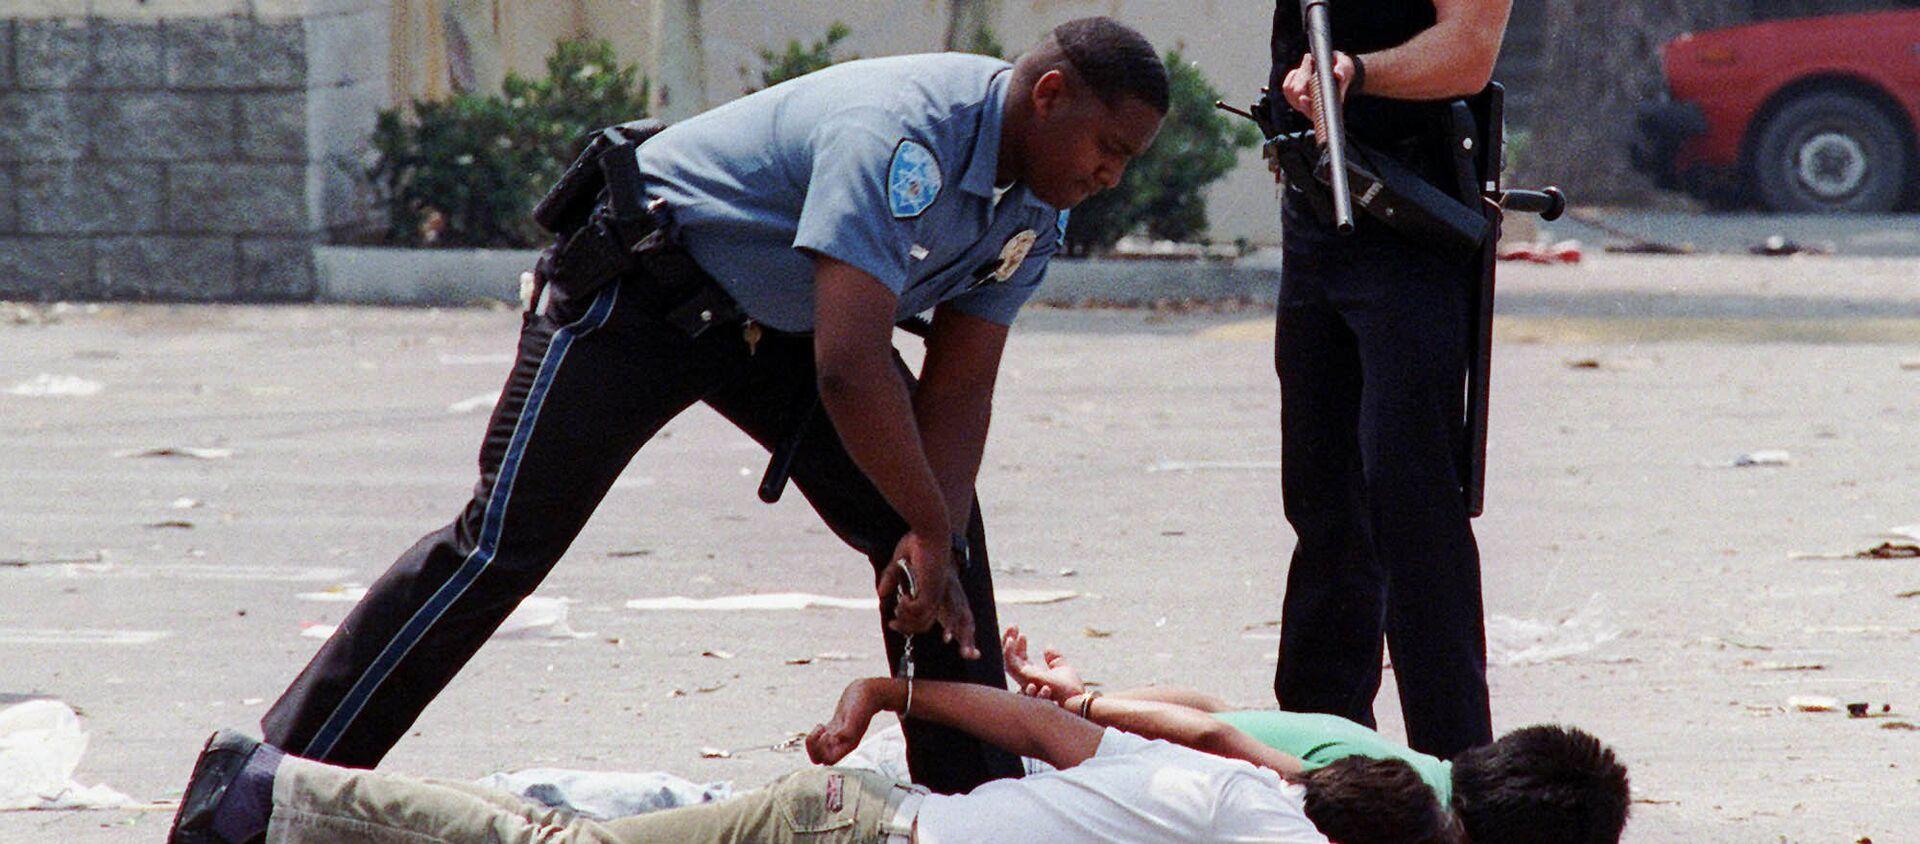 Un agente de Policía detiene a dos sospechosos de saqueo durante los disturbios de Los Ángeles - Sputnik Mundo, 1920, 05.07.2020